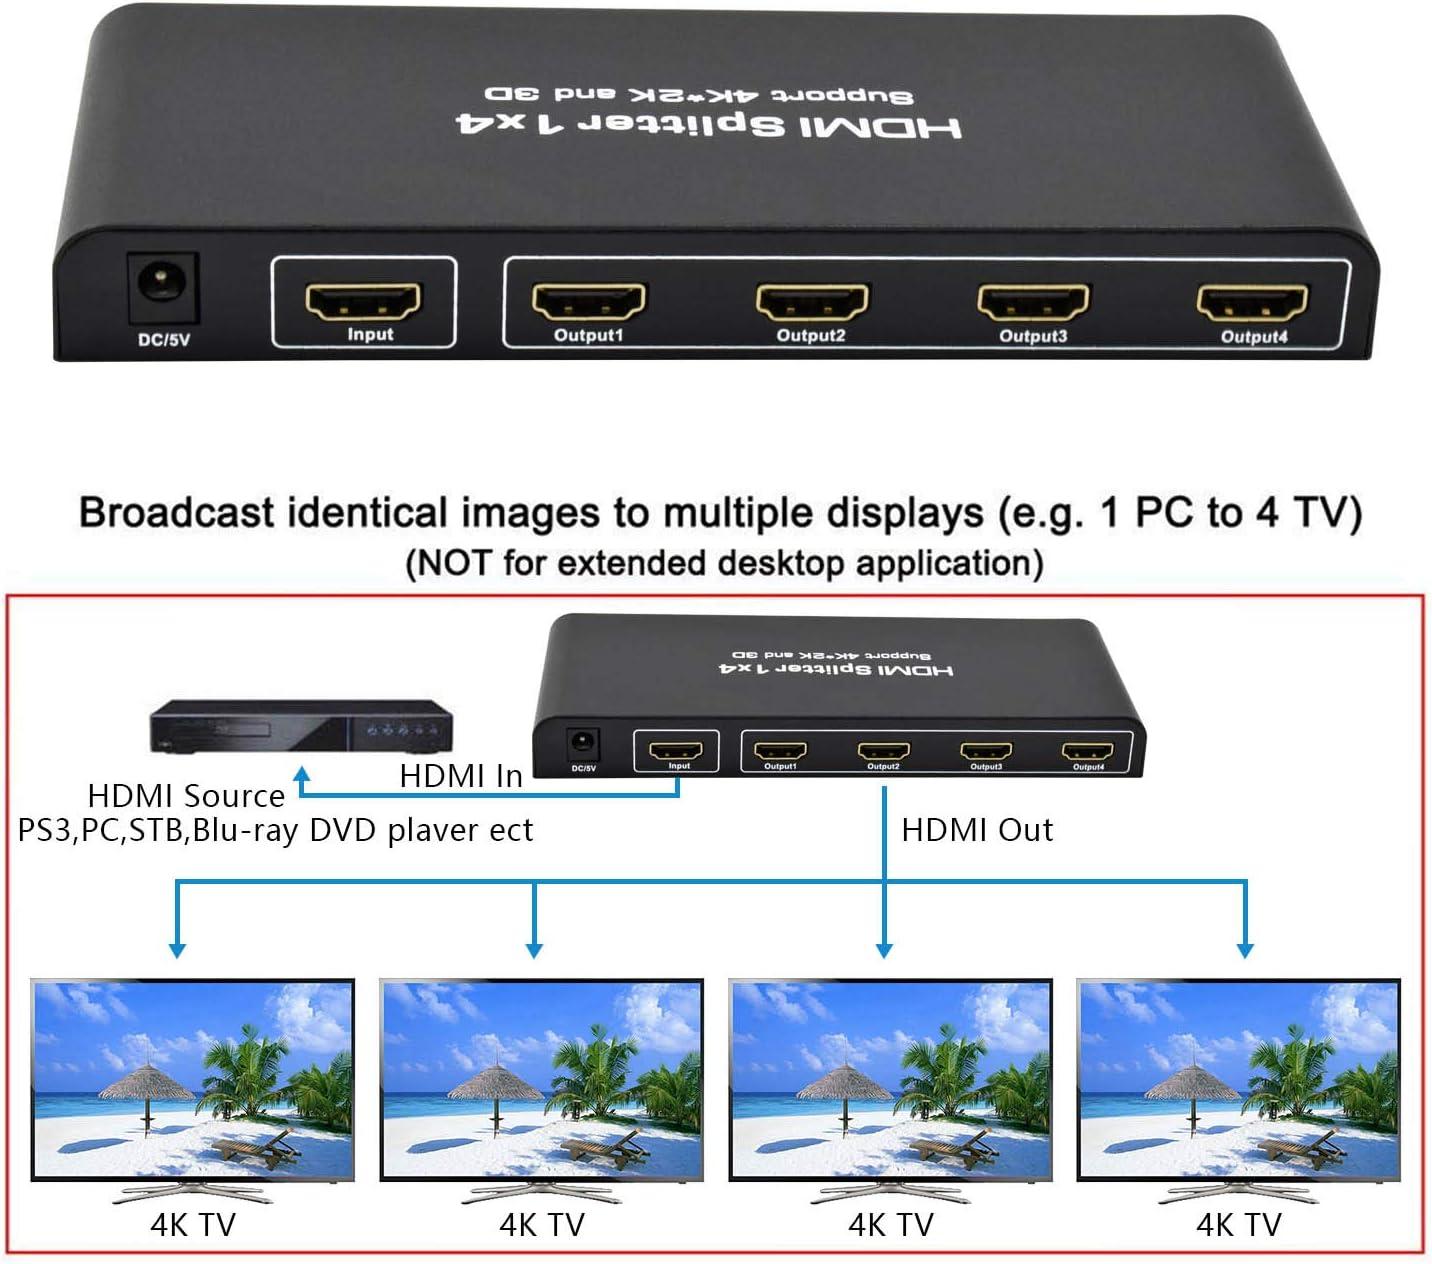 HDMI Splitter 4K,Ozvavzk Duplicador HDMI 1x4 Splitter 1 Entrada y 4 Salidas Soporta 4K,1080P para Xbox,PS4,PS3,BLU-Ray Player,HDTV,DVD,DVR